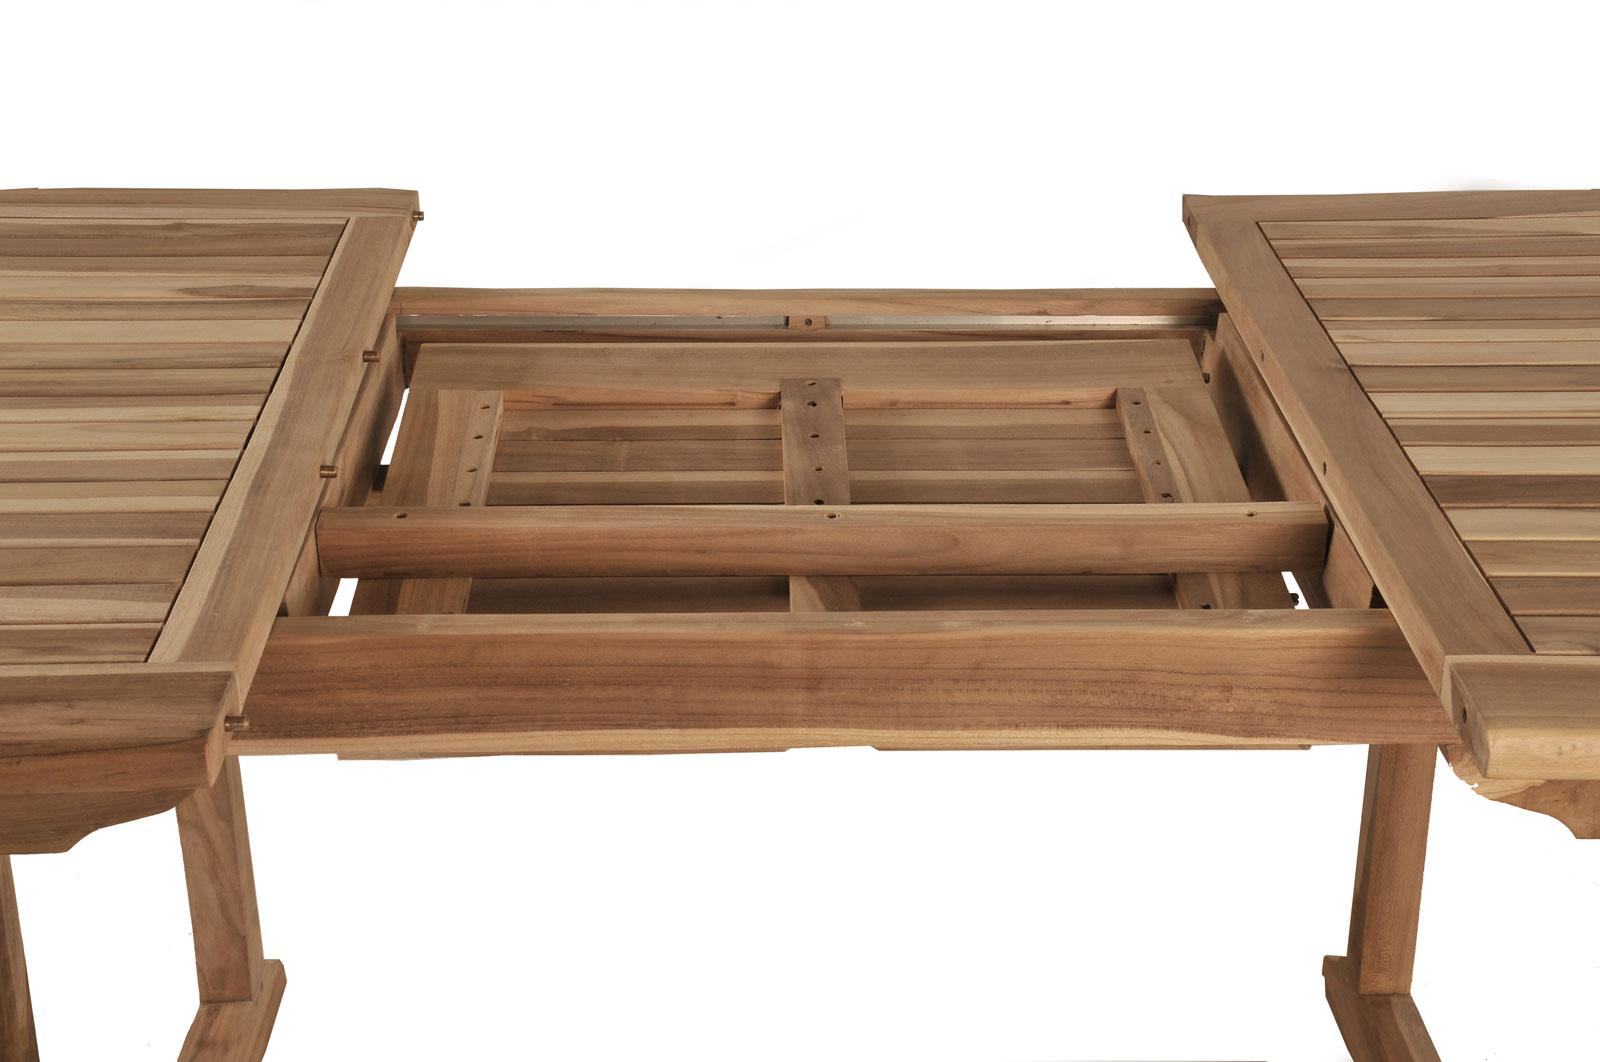 Wonderful SAM® Gartenmoebel Set 7tlg Akazie Tisch Oval 180 230 Cm SAINT TROPEZ Auf  Lager